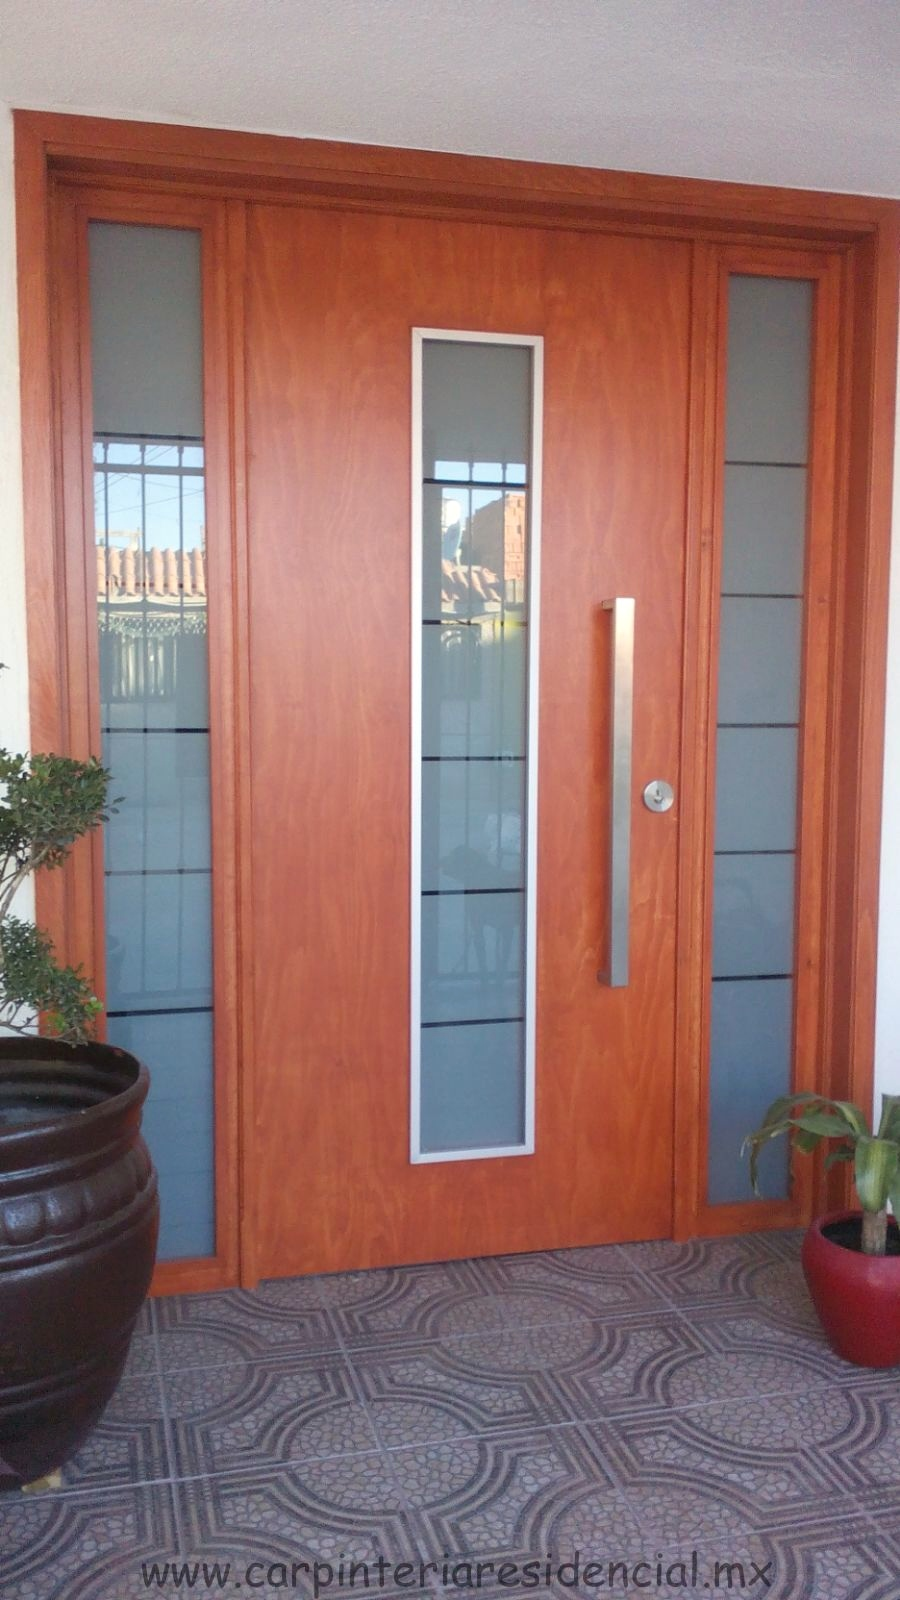 trabajos recientes carpinteria residencial slp